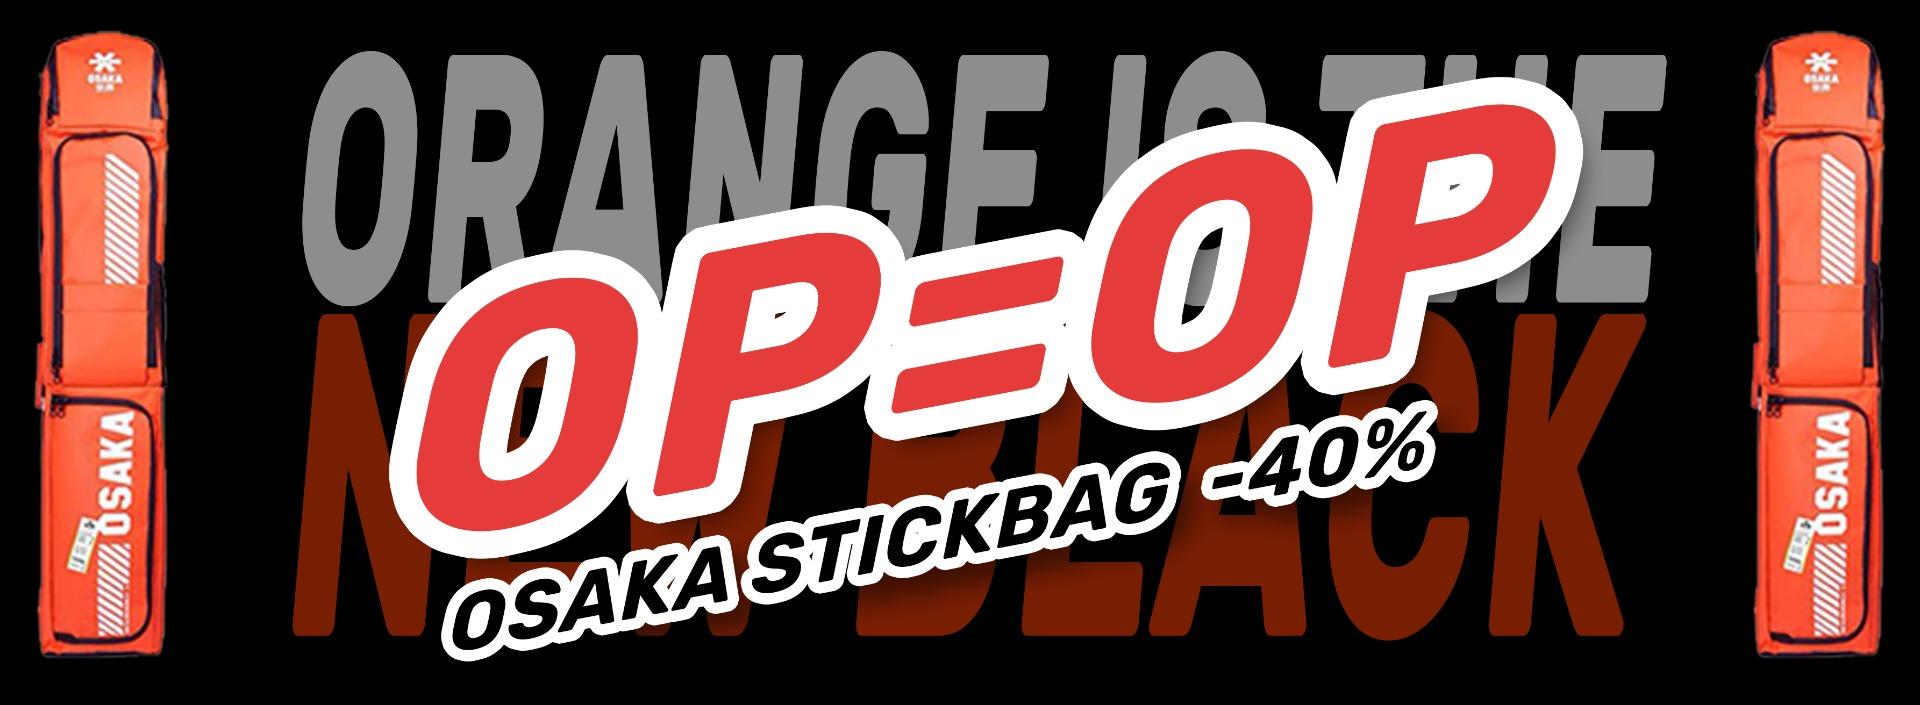 Osaka hockeytassen actie